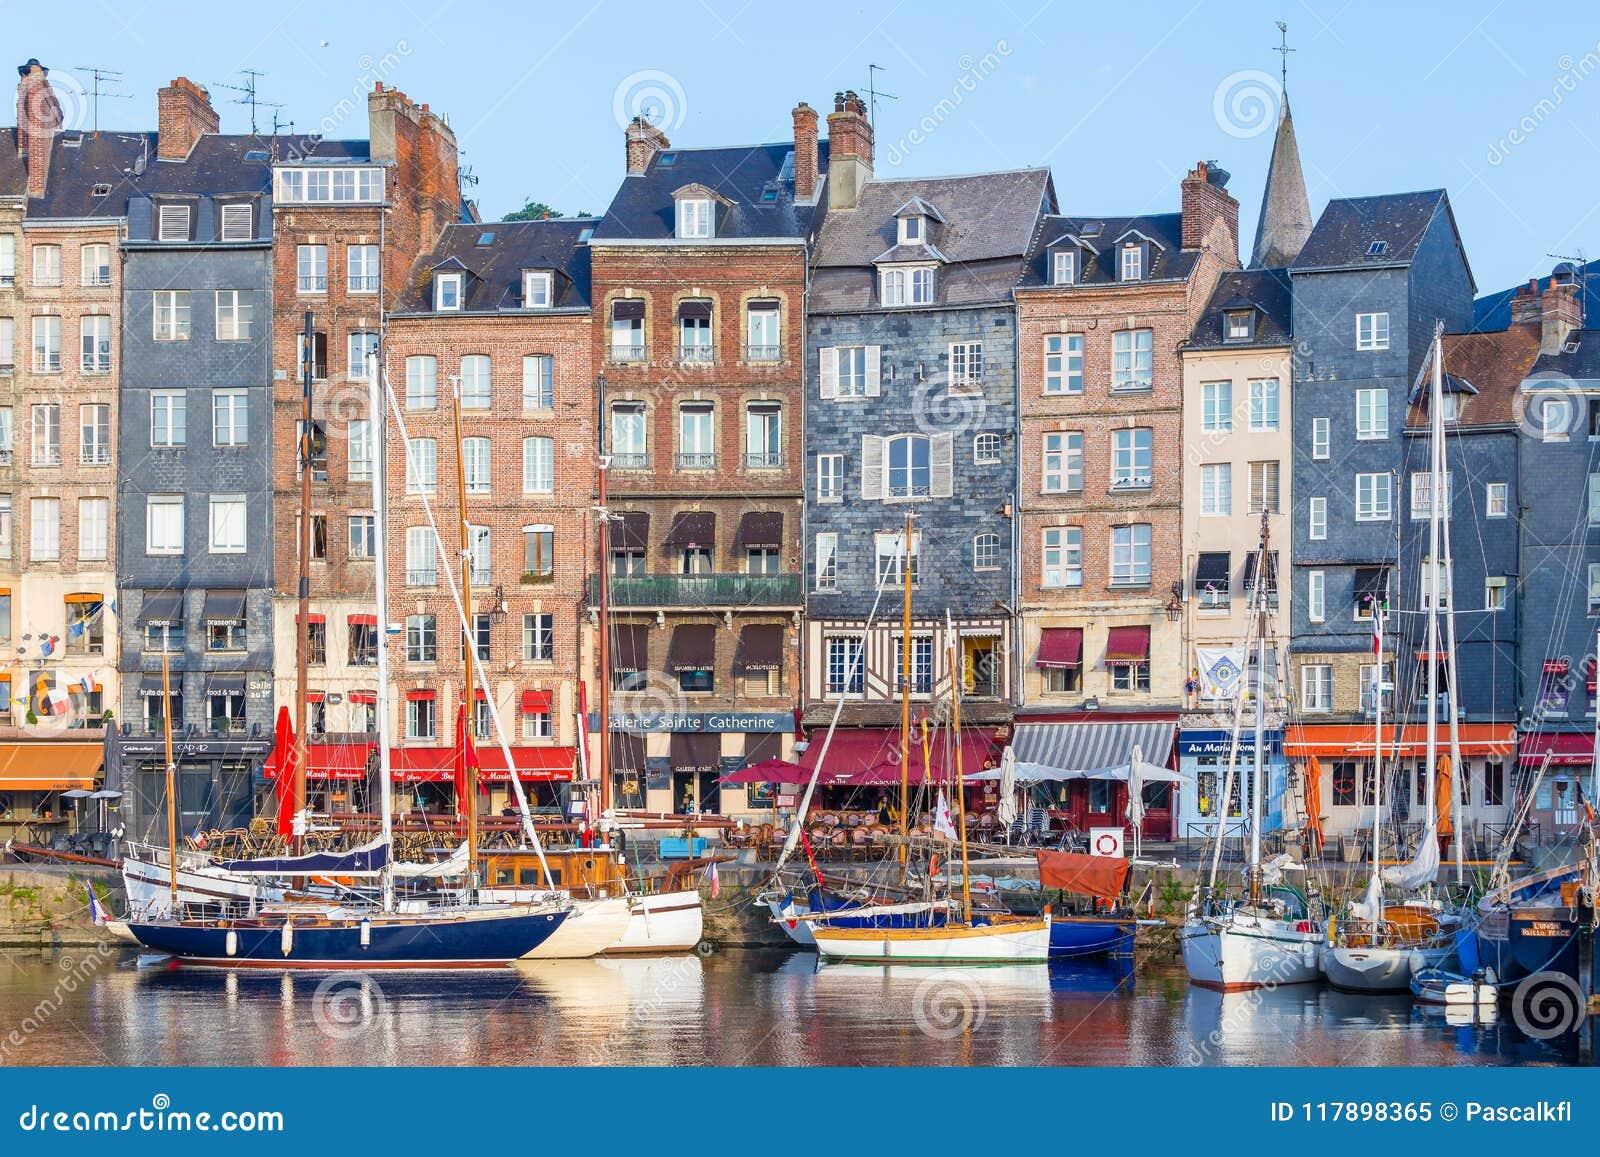 Honfleur, Frankreich - 31. August 2016: Malerischer alter Hafen am Normandie-Dorf von Honfleur Frankreich mit Booten und Cafés